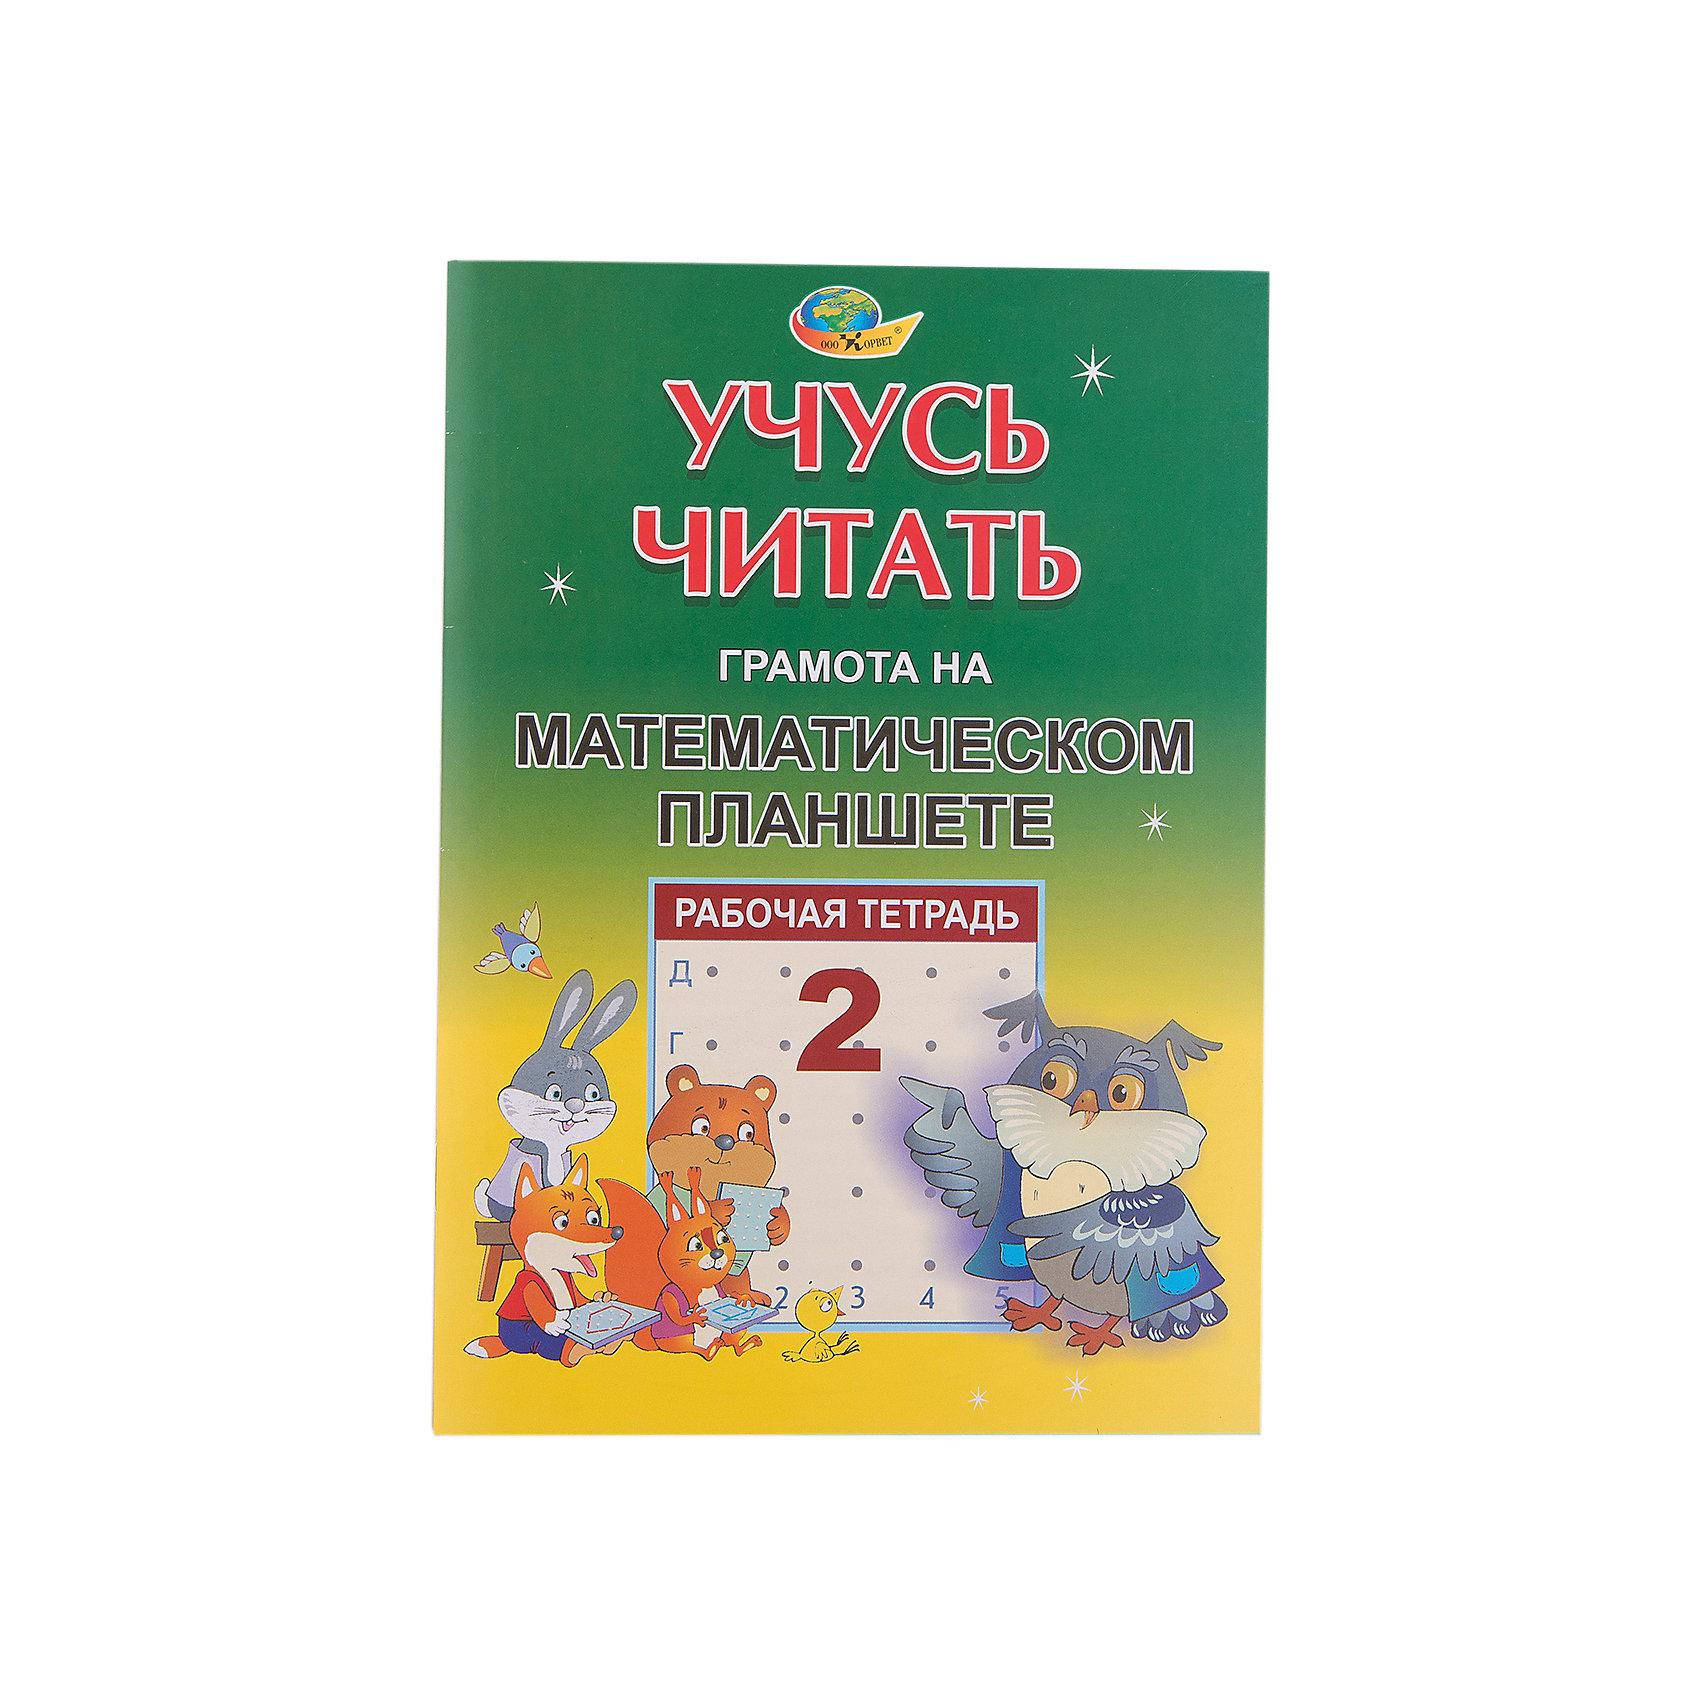 Грамота на математическом планшете Учусь читать, тетрадь №2Азбуки<br>Характеристики:<br><br>• размер брошюры: 21х29,7 см;<br>• материал: картон;<br>• возраст: от 3-х лет;<br>• размер упаковки: 10х15х21см;<br>• вес: 70 грамм.<br><br>Пособие предназначено для развивающих занятий на «Математическом планшете». Тетрадь №2 содержит задания на изучение согласных букв.<br><br>Работа с математическим планшетом способствует развитию мелкой моторики, логического и абстрактного мышления, а также пространственного восприятия. Для работы необходимы математический планшет, карандаши тетрадь.<br><br>Грамота на математическом планшете Учусь читать, тетрадь №2 можно купить в нашем интернет-магазине.<br><br>Ширина мм: 210<br>Глубина мм: 150<br>Высота мм: 100<br>Вес г: 70<br>Возраст от месяцев: 36<br>Возраст до месяцев: 2147483647<br>Пол: Унисекс<br>Возраст: Детский<br>SKU: 5567366